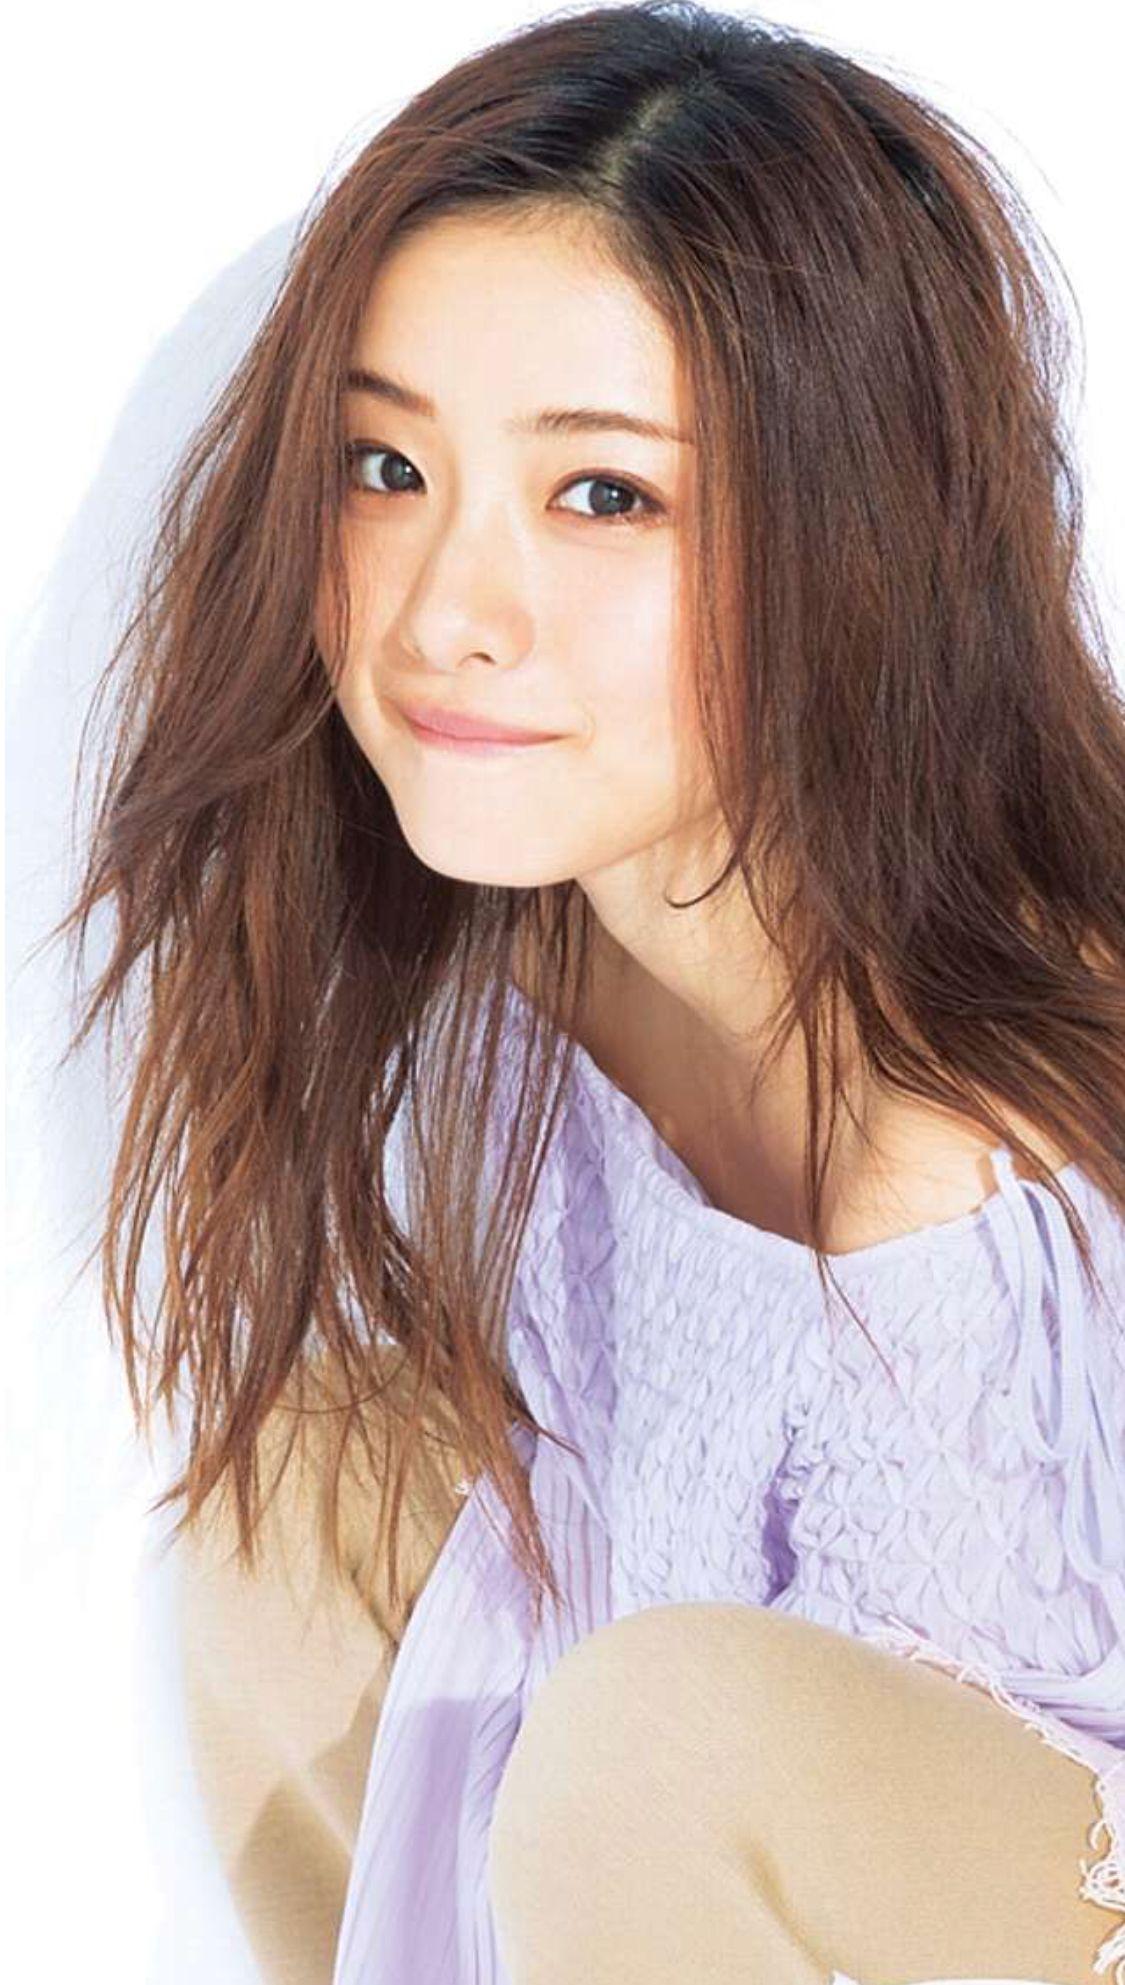 Satomi Ishihara ジャパニーズビューティー アジアの女性 女性 顔